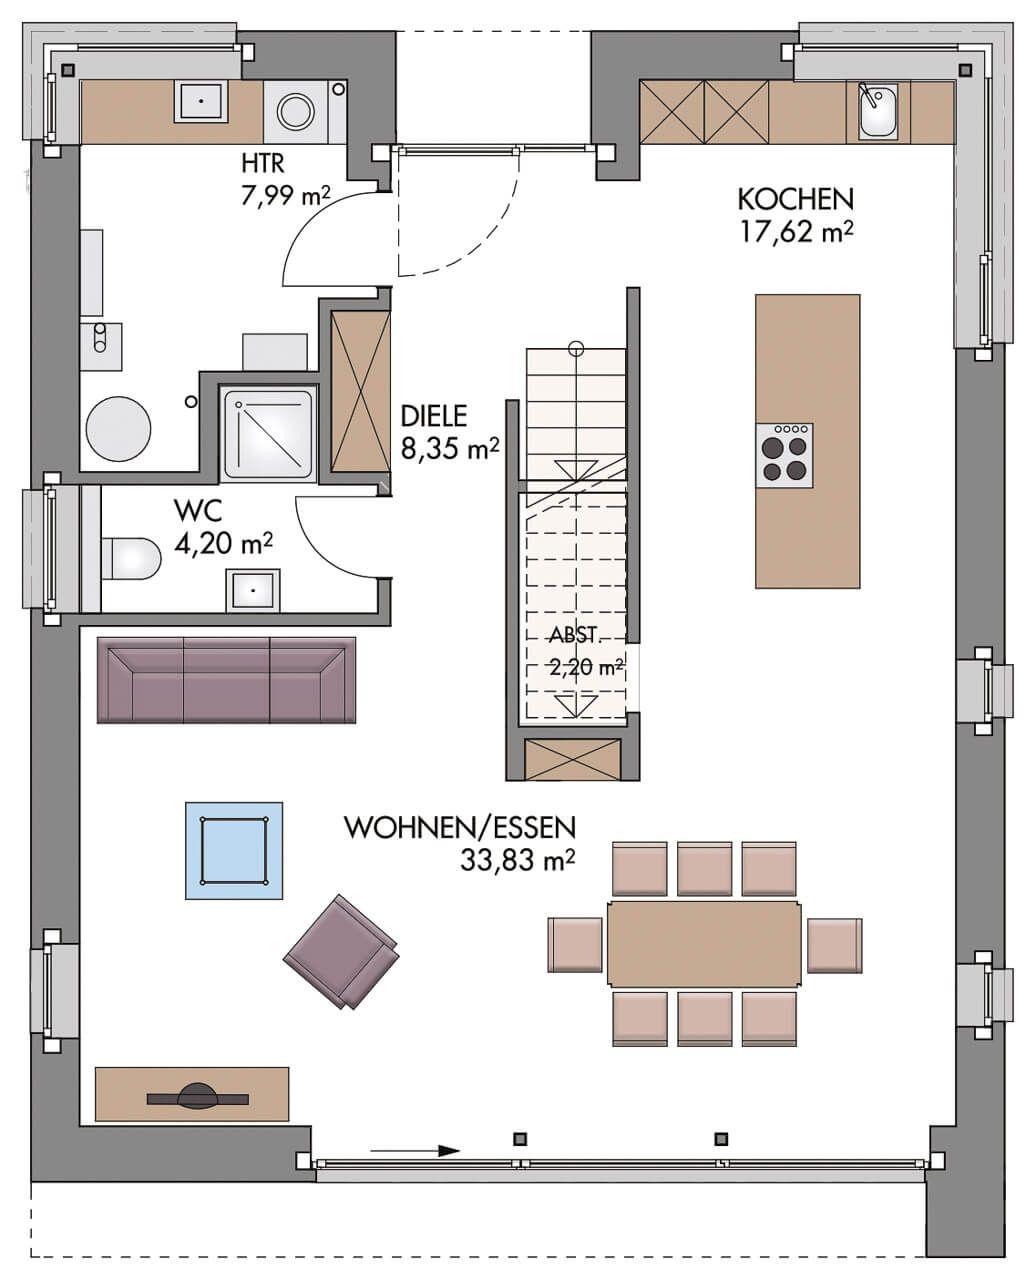 Einfamilienhaus Grundriss Erdgeschoss modern Küche offen